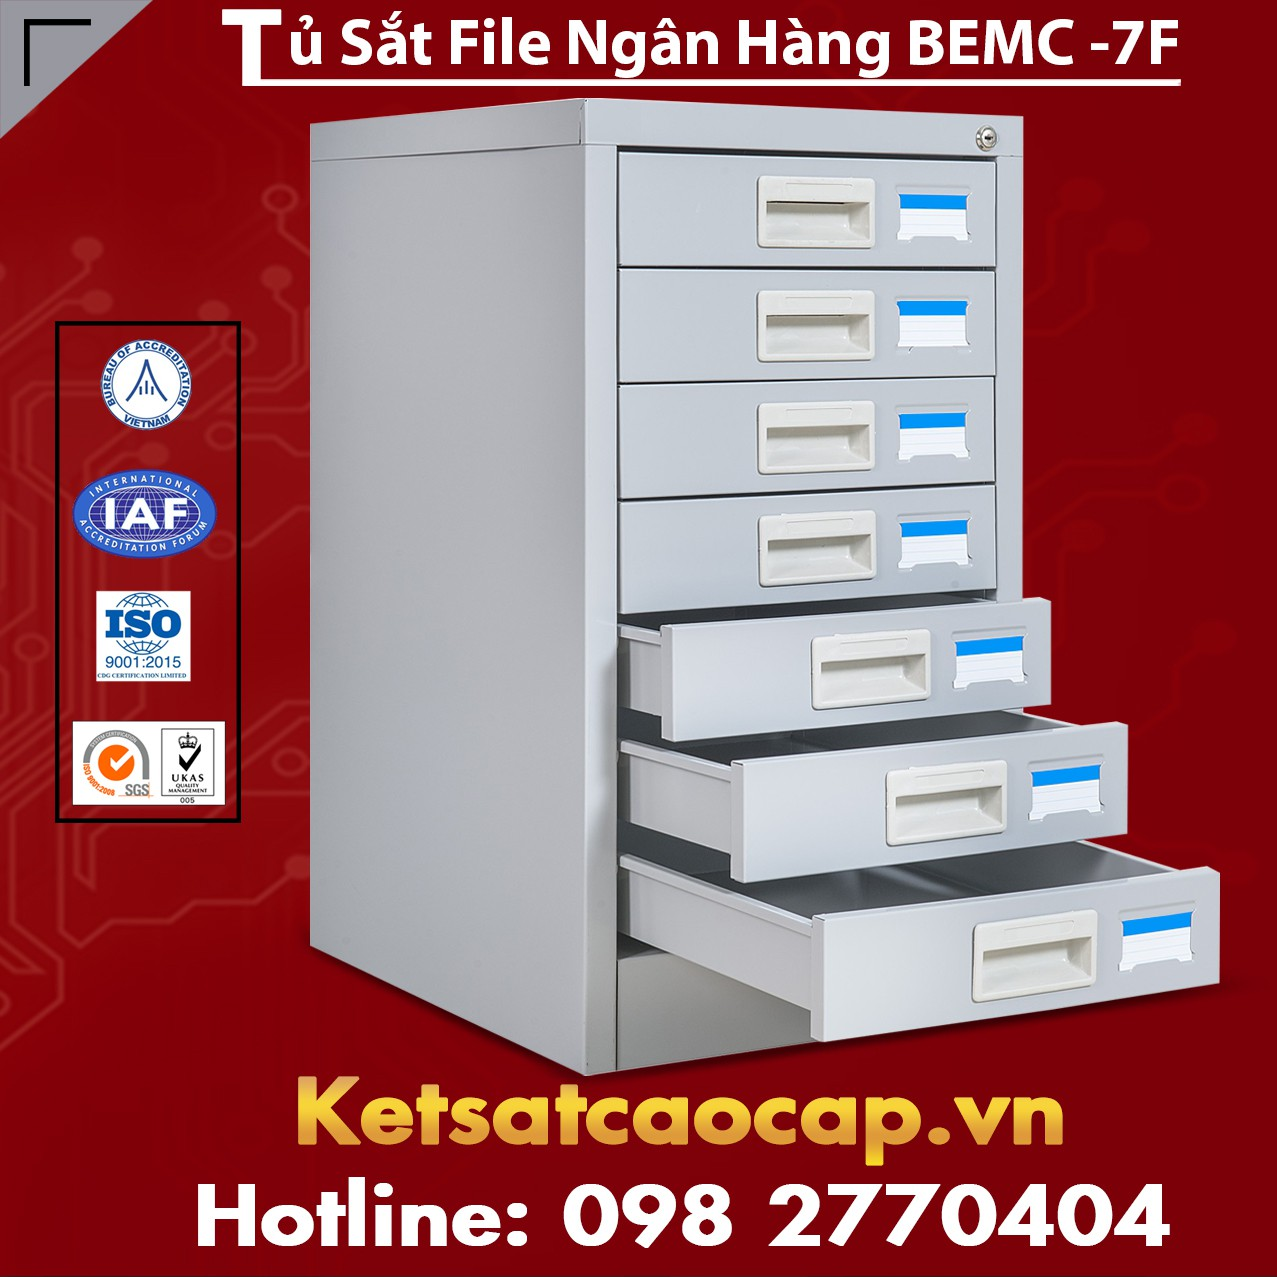 Tủ Sắt File Ngân Hàng BEMC - 7F